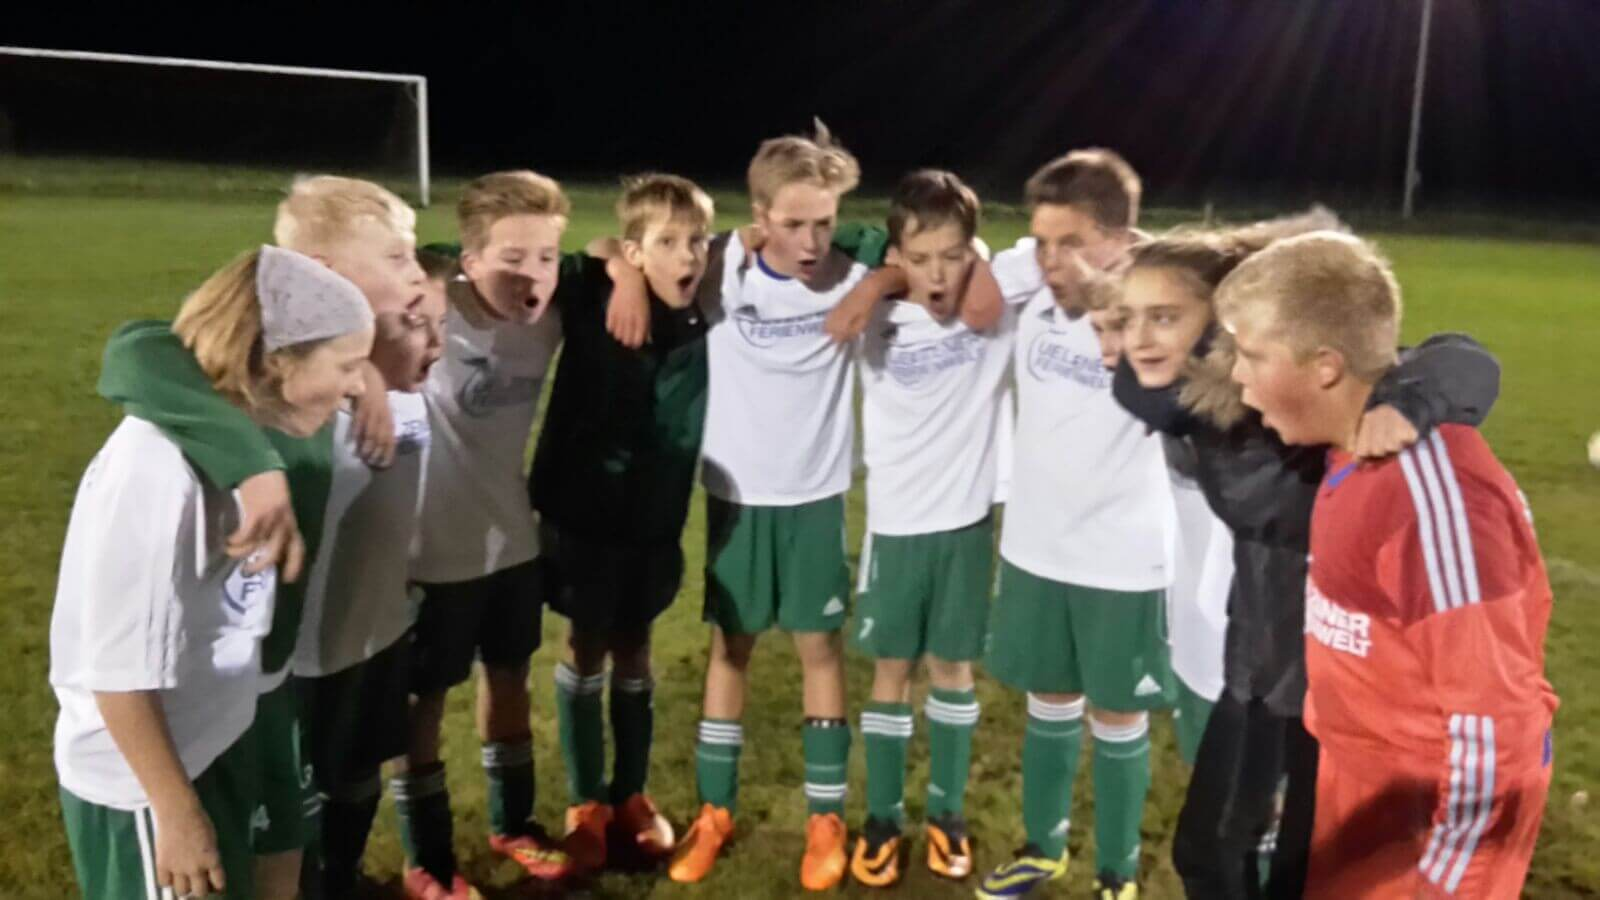 Freude über die gelungenen Mannschaftsleistung